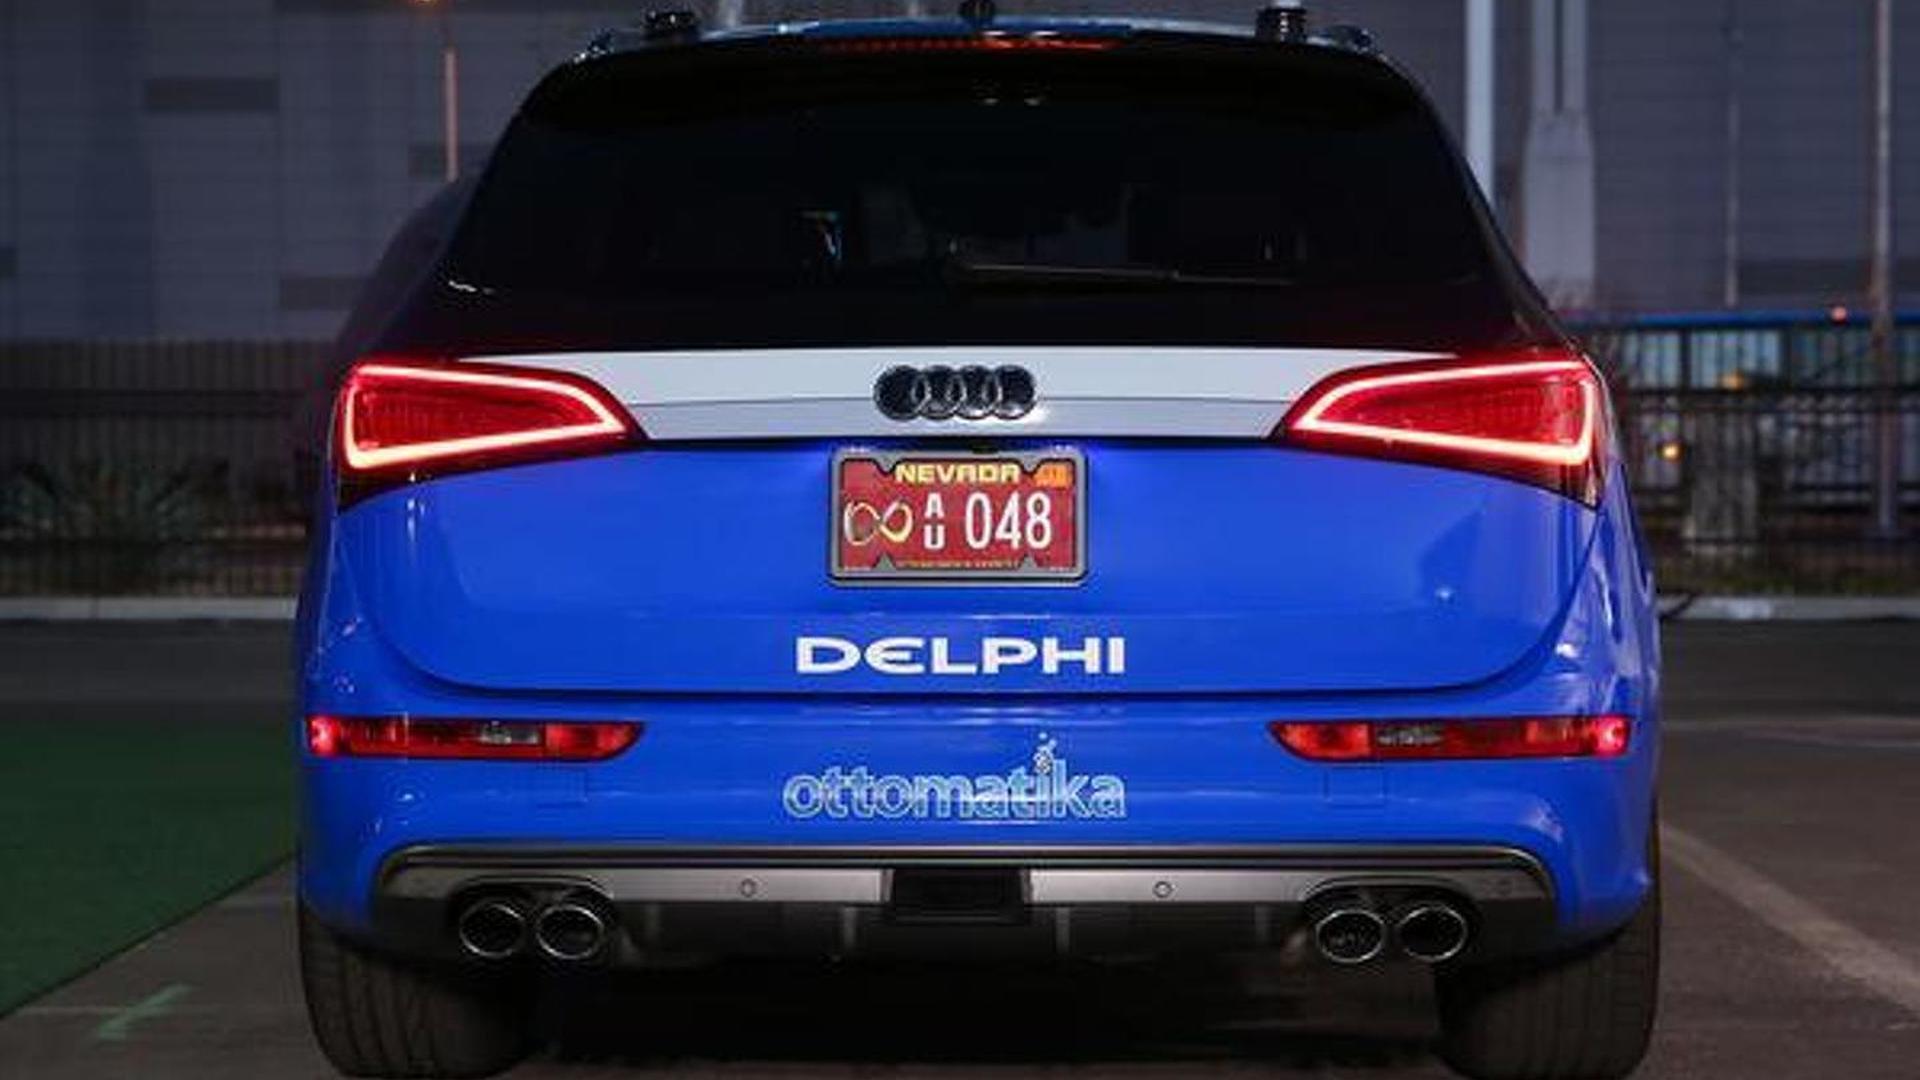 Delphi's autonomous Audi S Q5 will embark on a coast-to-coast trip